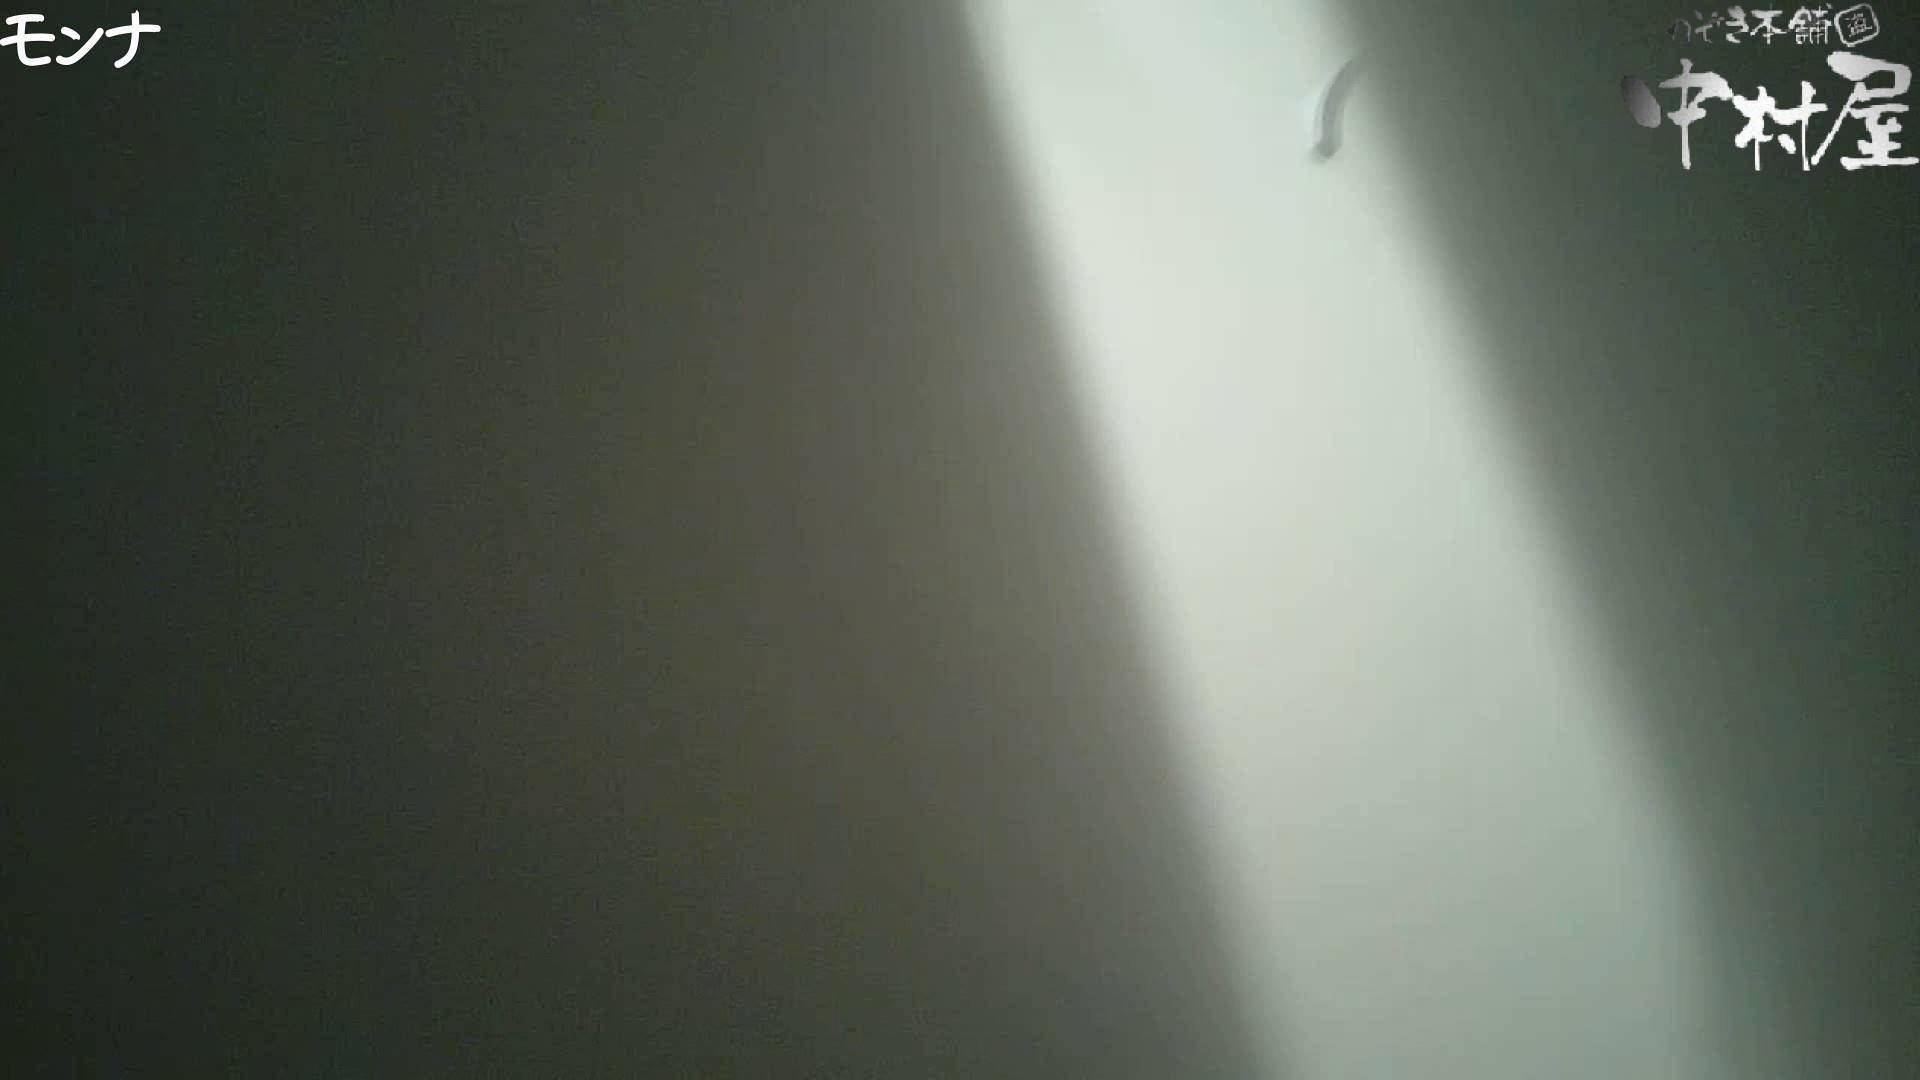 有名大学女性洗面所 vol.66 清楚系女子をがっつり!! 潜入 覗きおまんこ画像 79連発 55